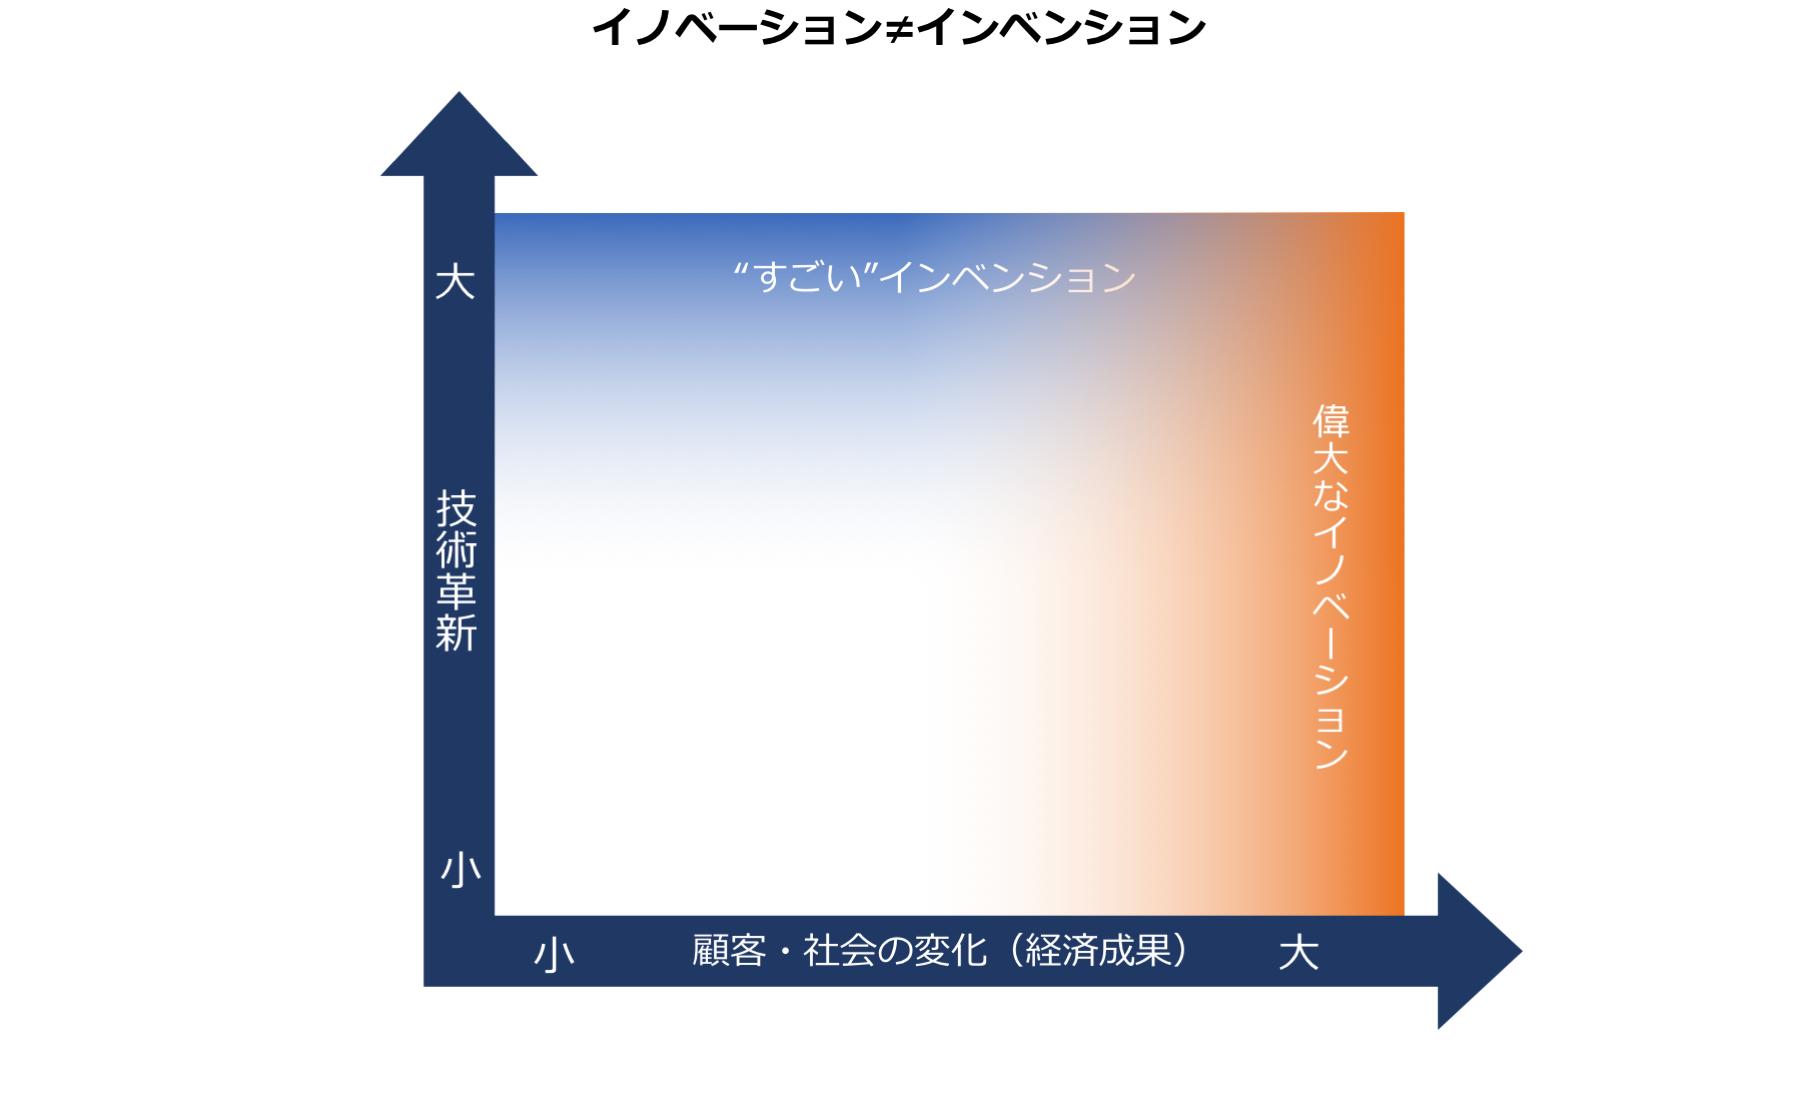 tsukamatsu_018_01.png